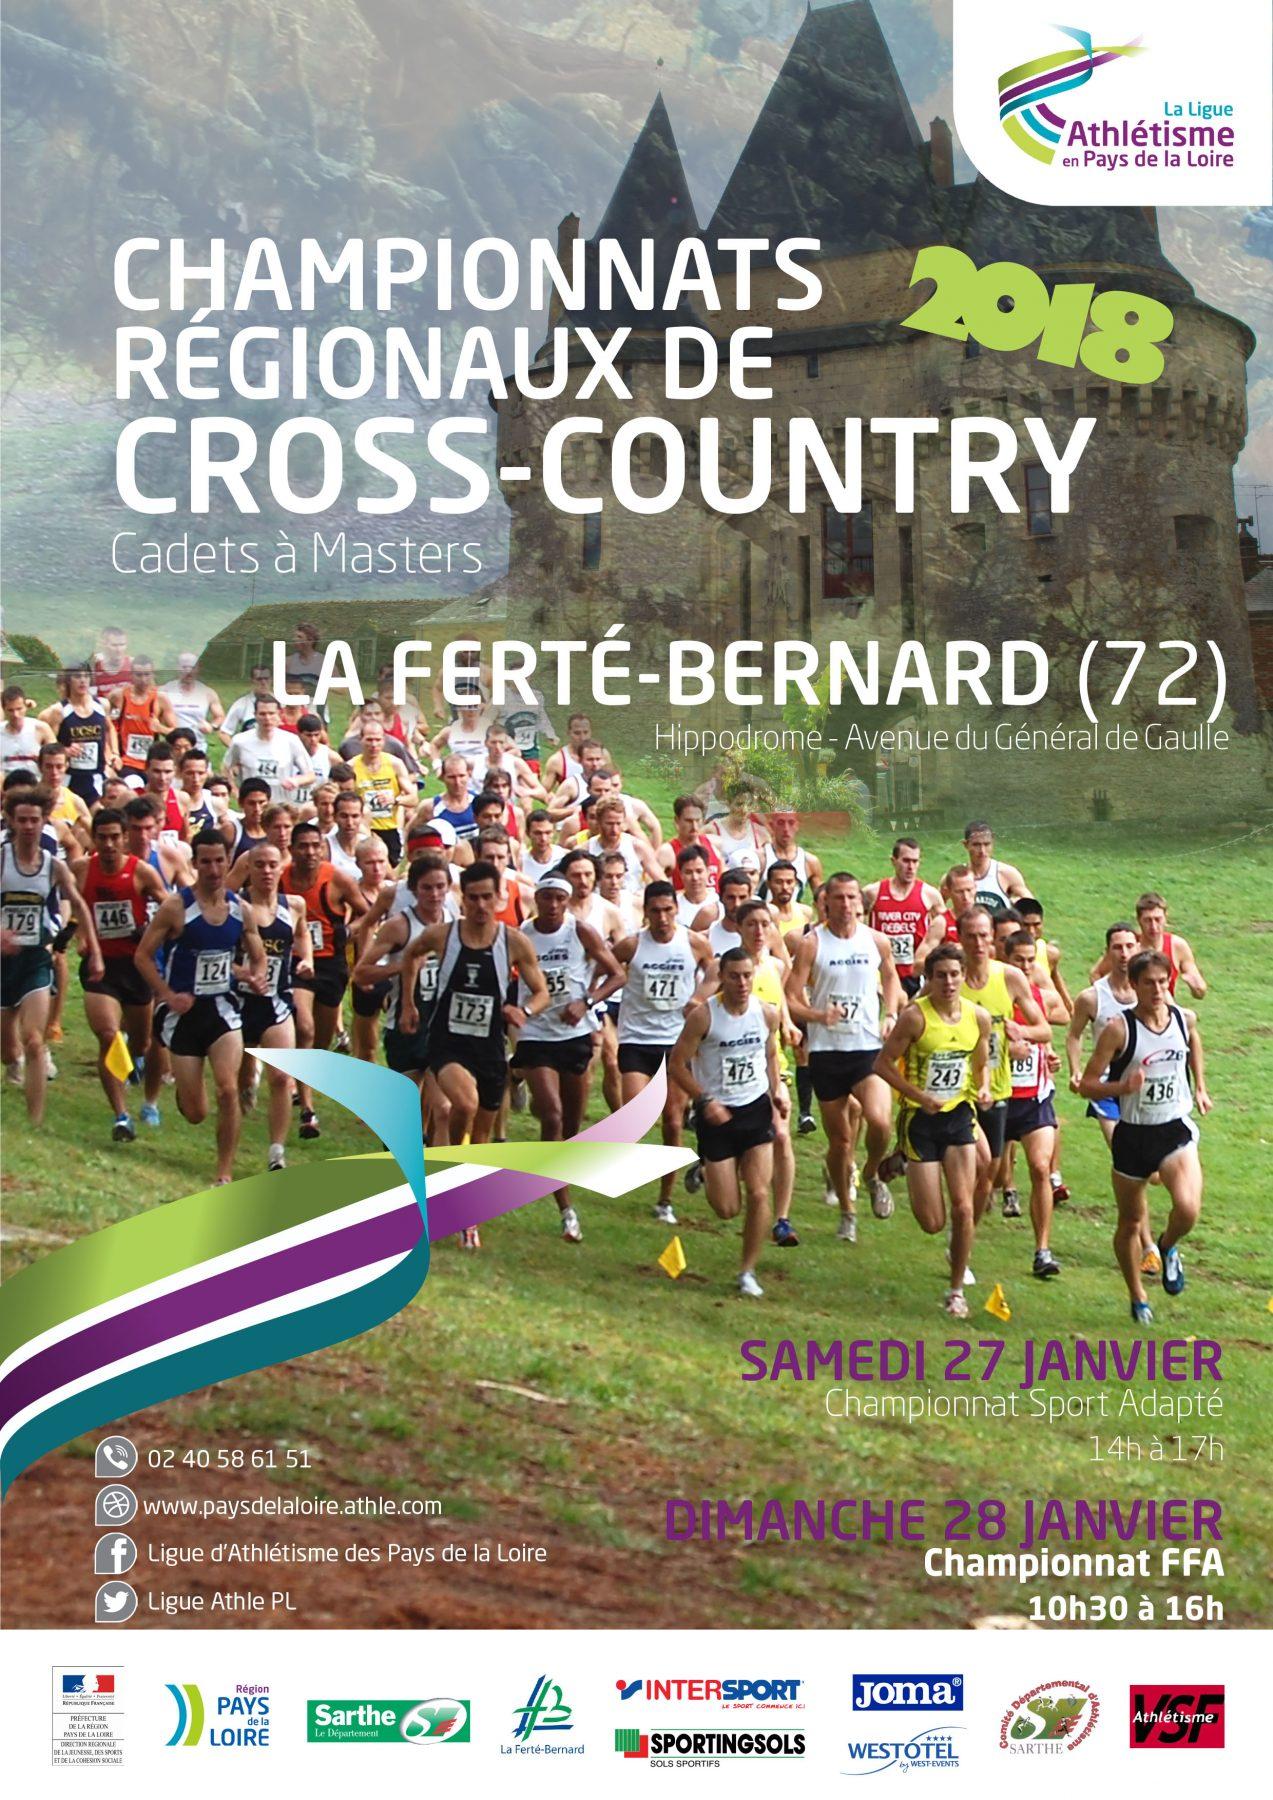 Championnats régionaux de cross-country